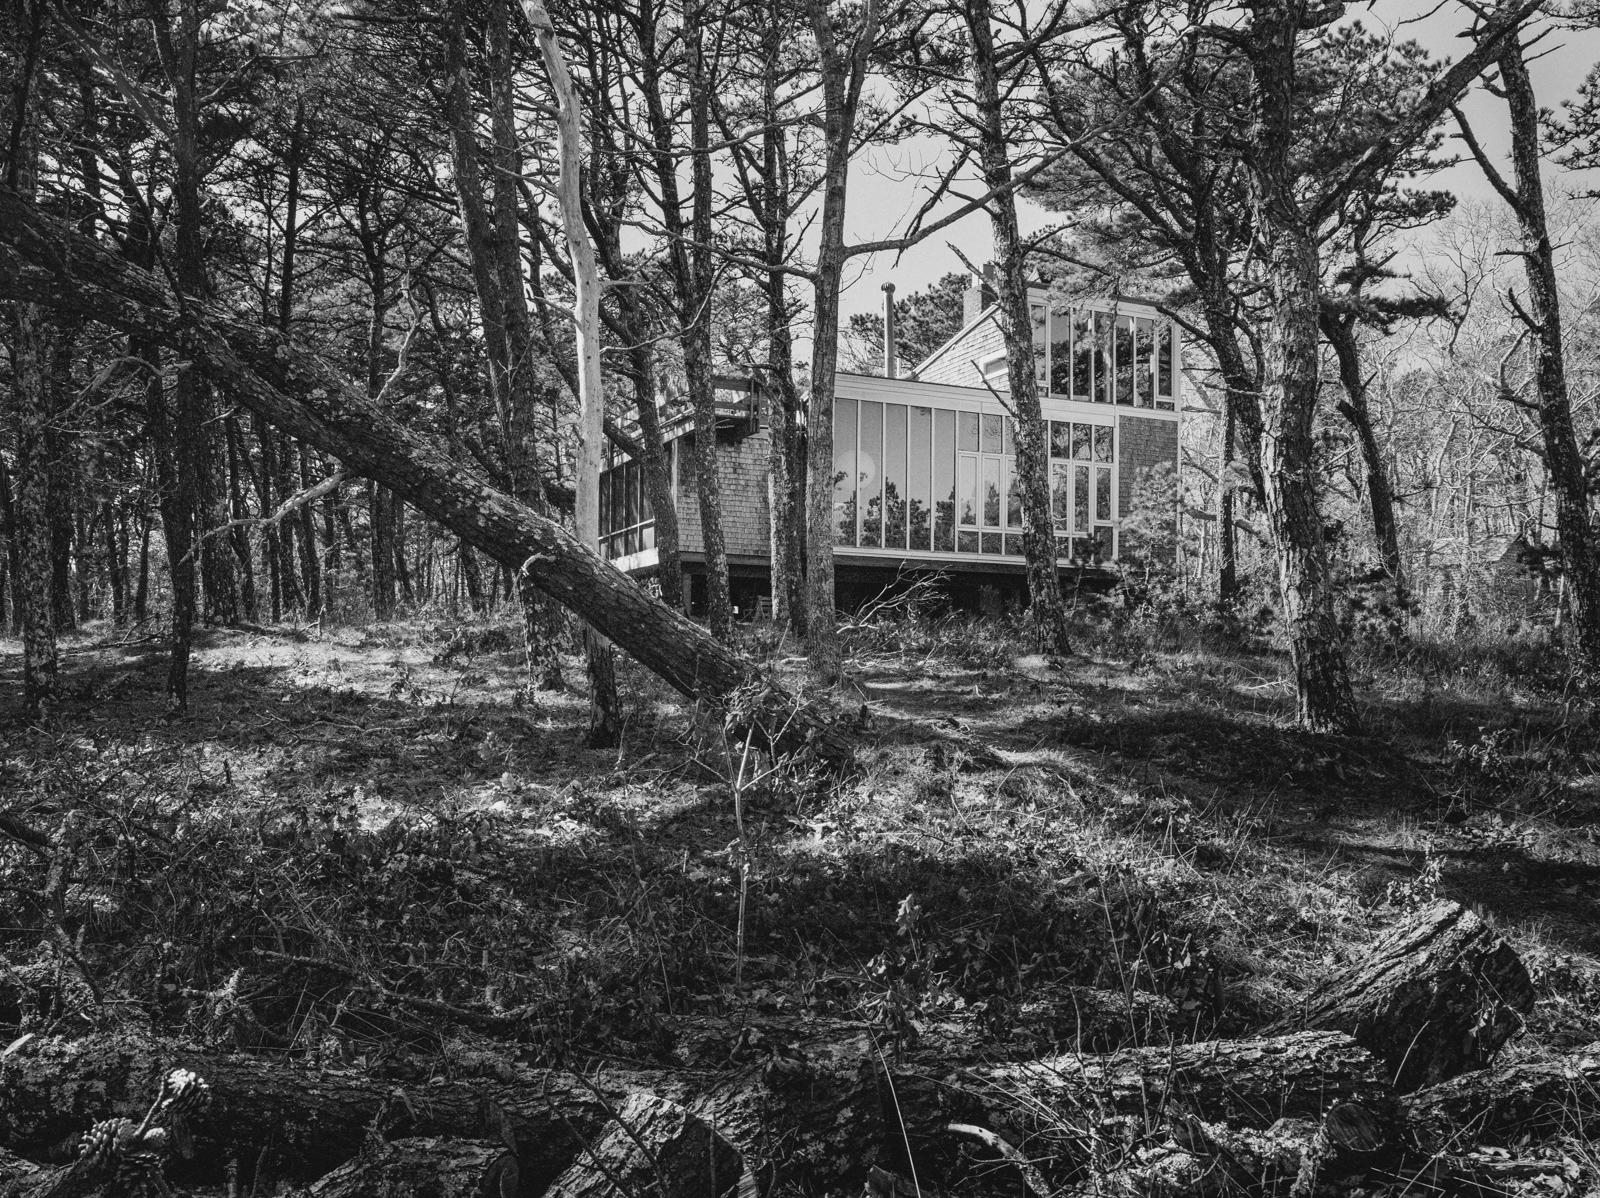 The Halprin House